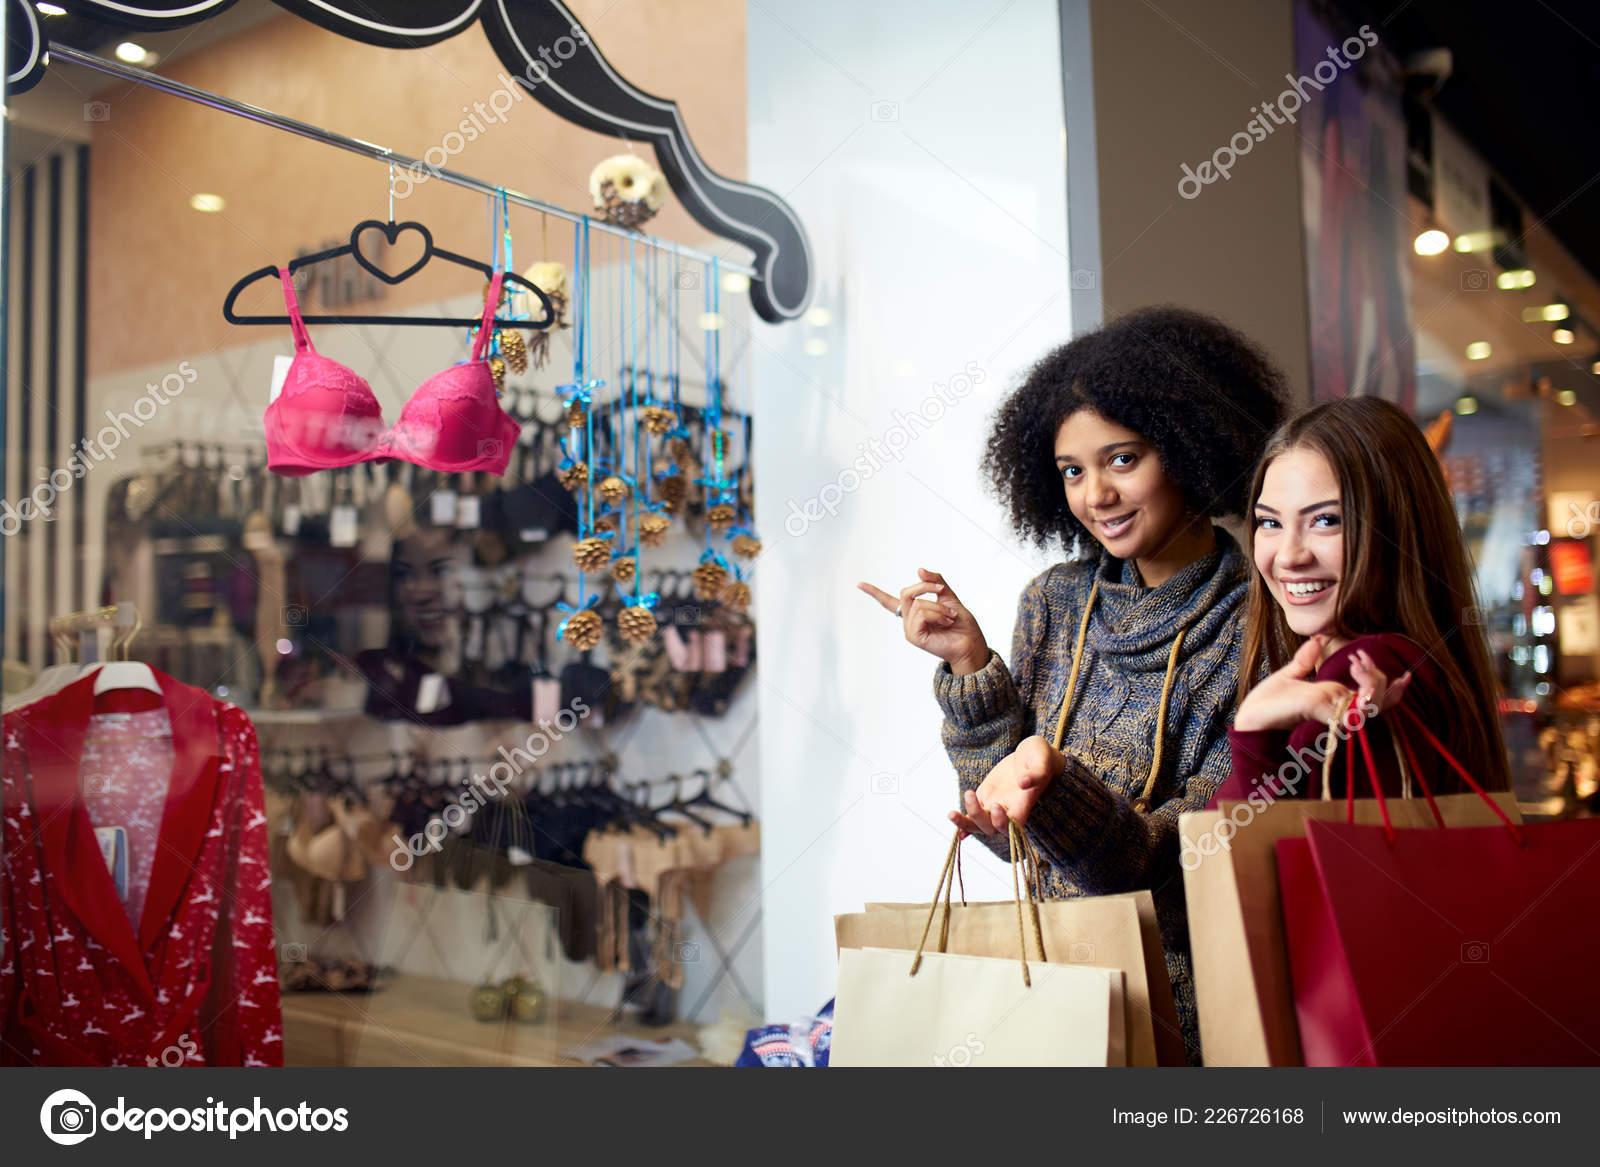 newest 8b9f7 4de32 Zwei glückliche multiethnischen junge Mischlinge Frau ...